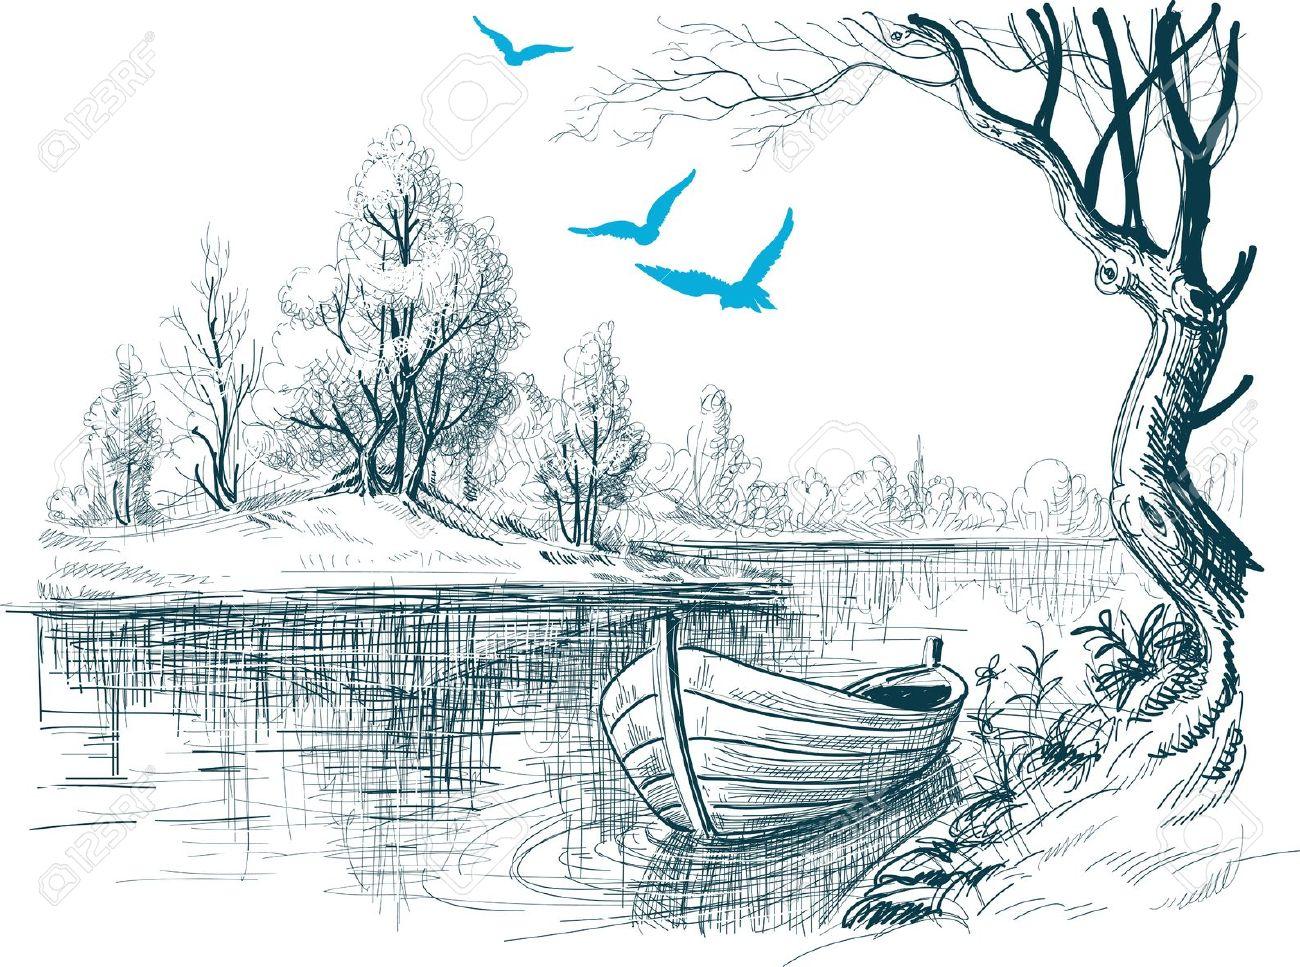 1300x967 Image Result For Boat Drawing On Shoreline Transportation